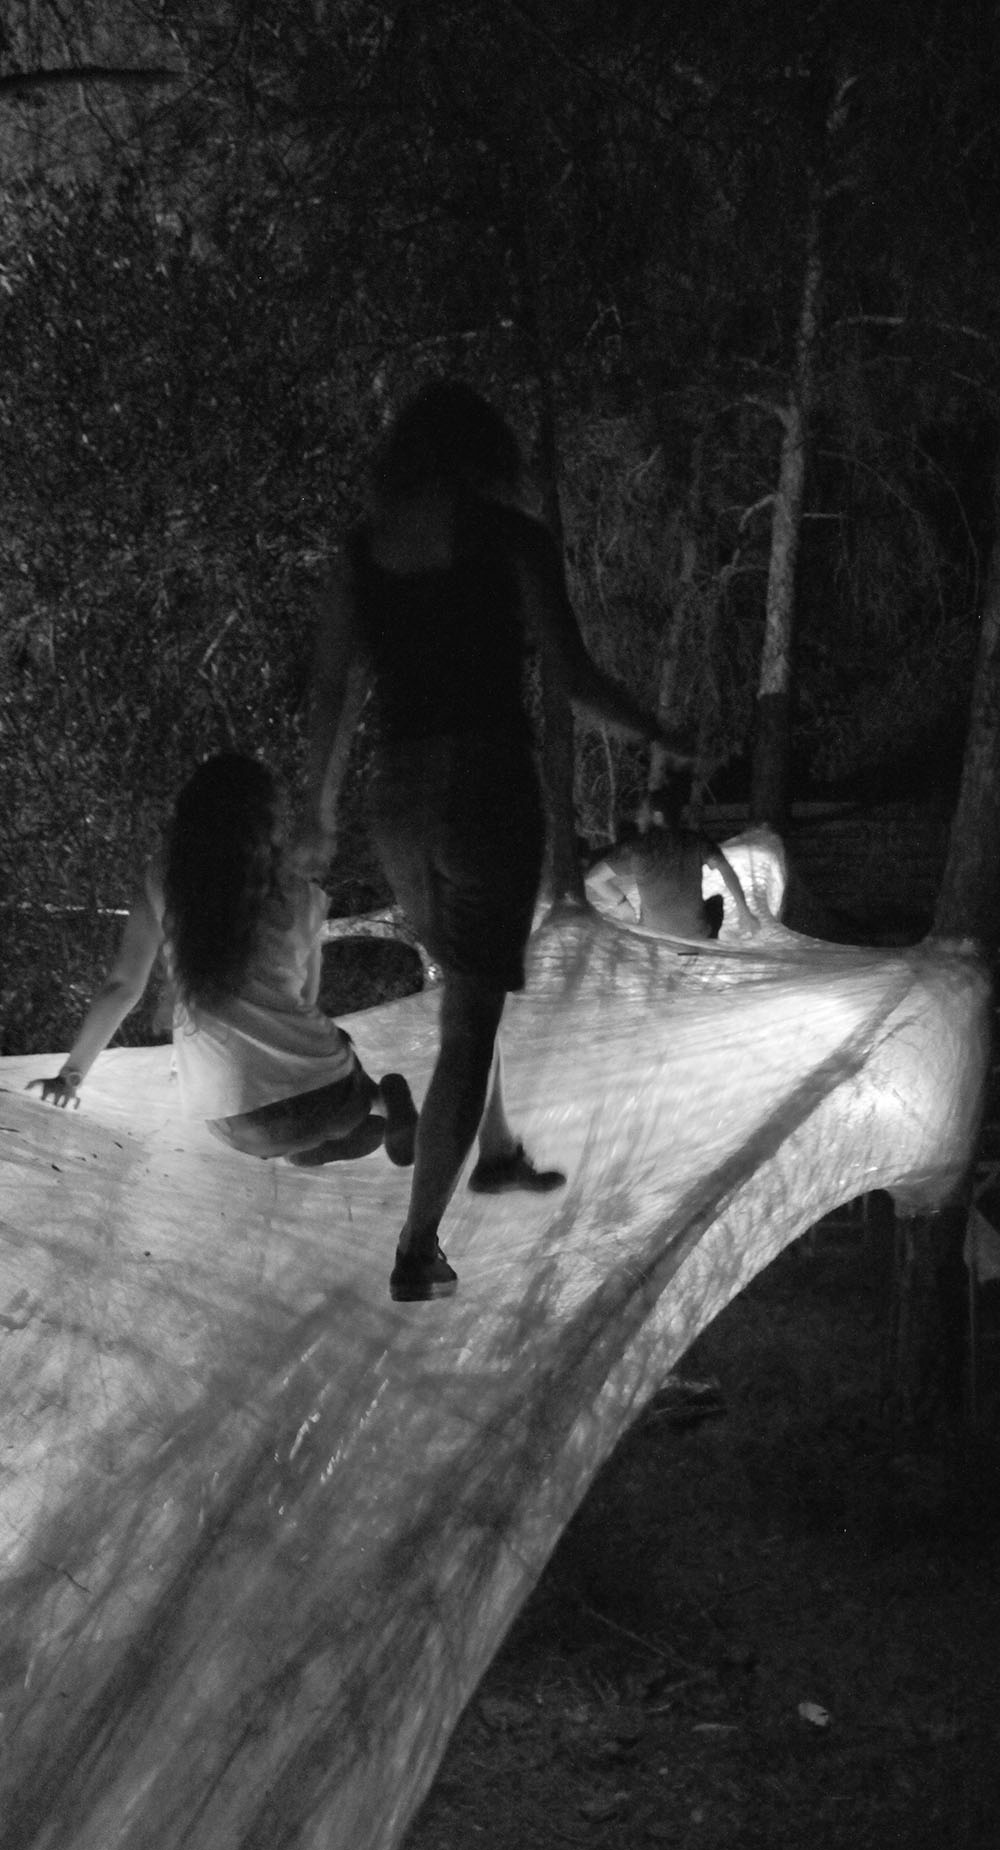 © Ομάδα κατασκευής: Κωνσταντίνος Λουκά, Μαρία Ρουσή, Ελένη Θεοφάνους, Βαλεντίνα Σωτηρίου, Χριστίνα Τάττη, Ηoma Poursartip, Νικόλας Κουρτελής, Σωτήρης Κυπριανού, Μιχάλης Παυλίδης, Κλεάνθης Ρούσσος. Φωτογραφίες από προσωπικό αρχείο Μιχάλη Παυλίδη